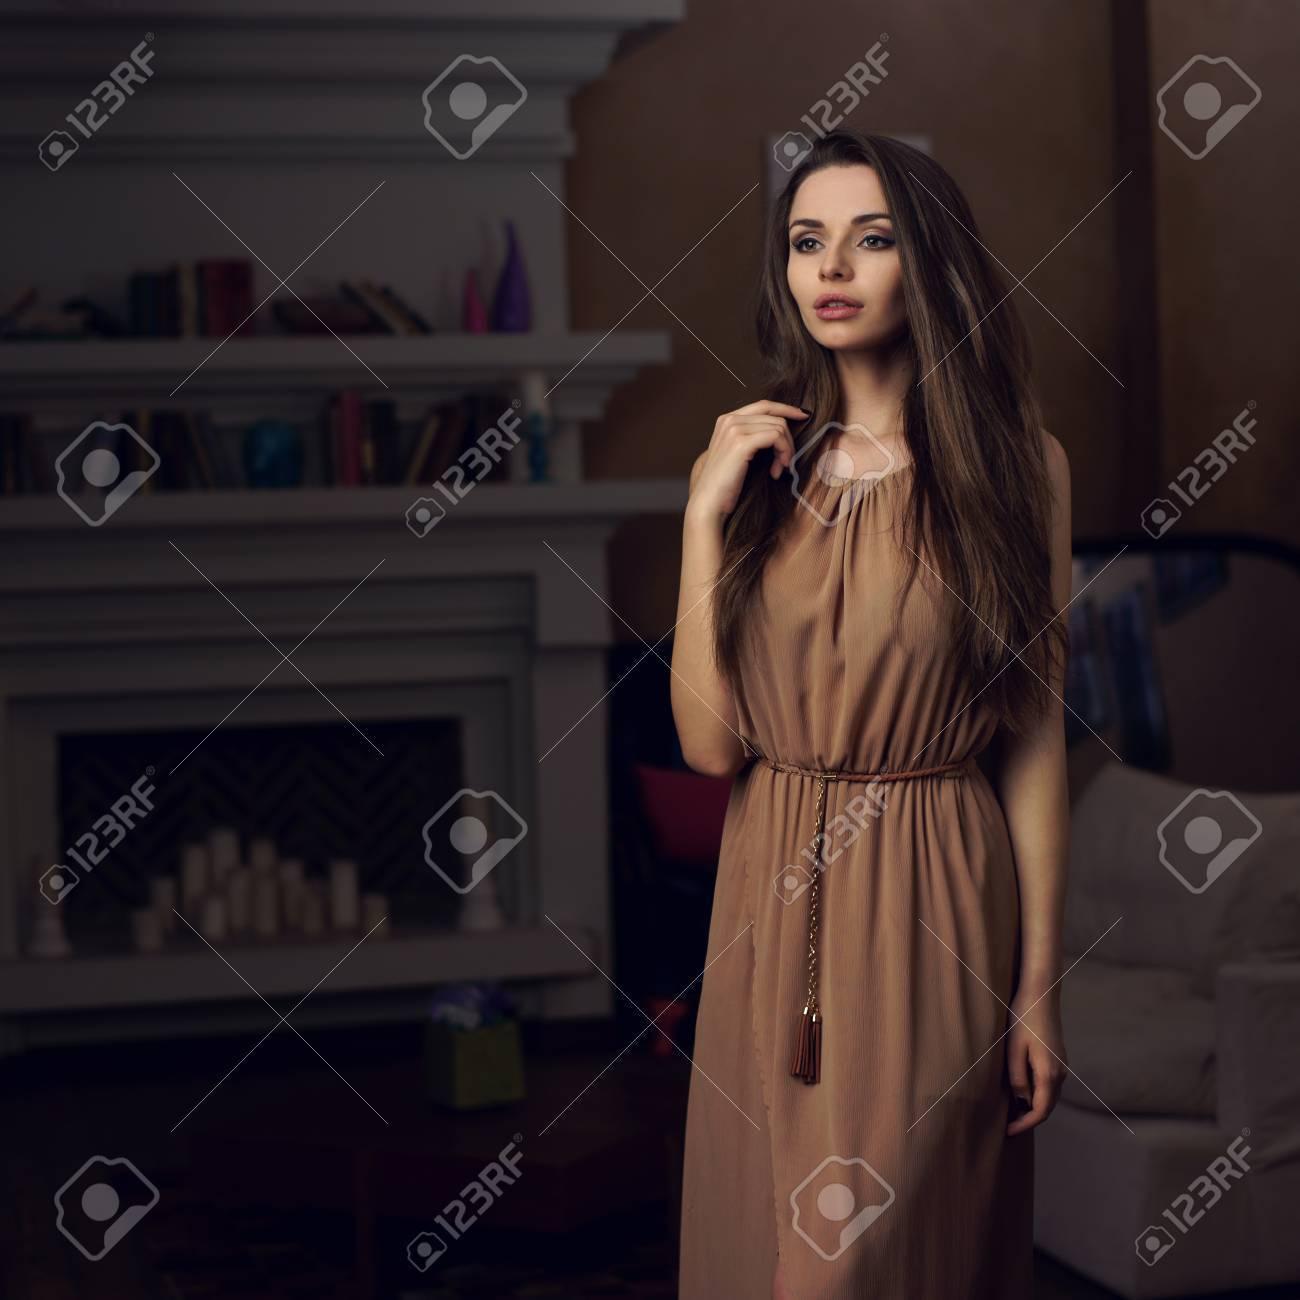 24267e073dcb8 Banque d images - Belle jeune fille debout chic et posant en brun robe de  soirée longue dans l intérieur de la maison confortable